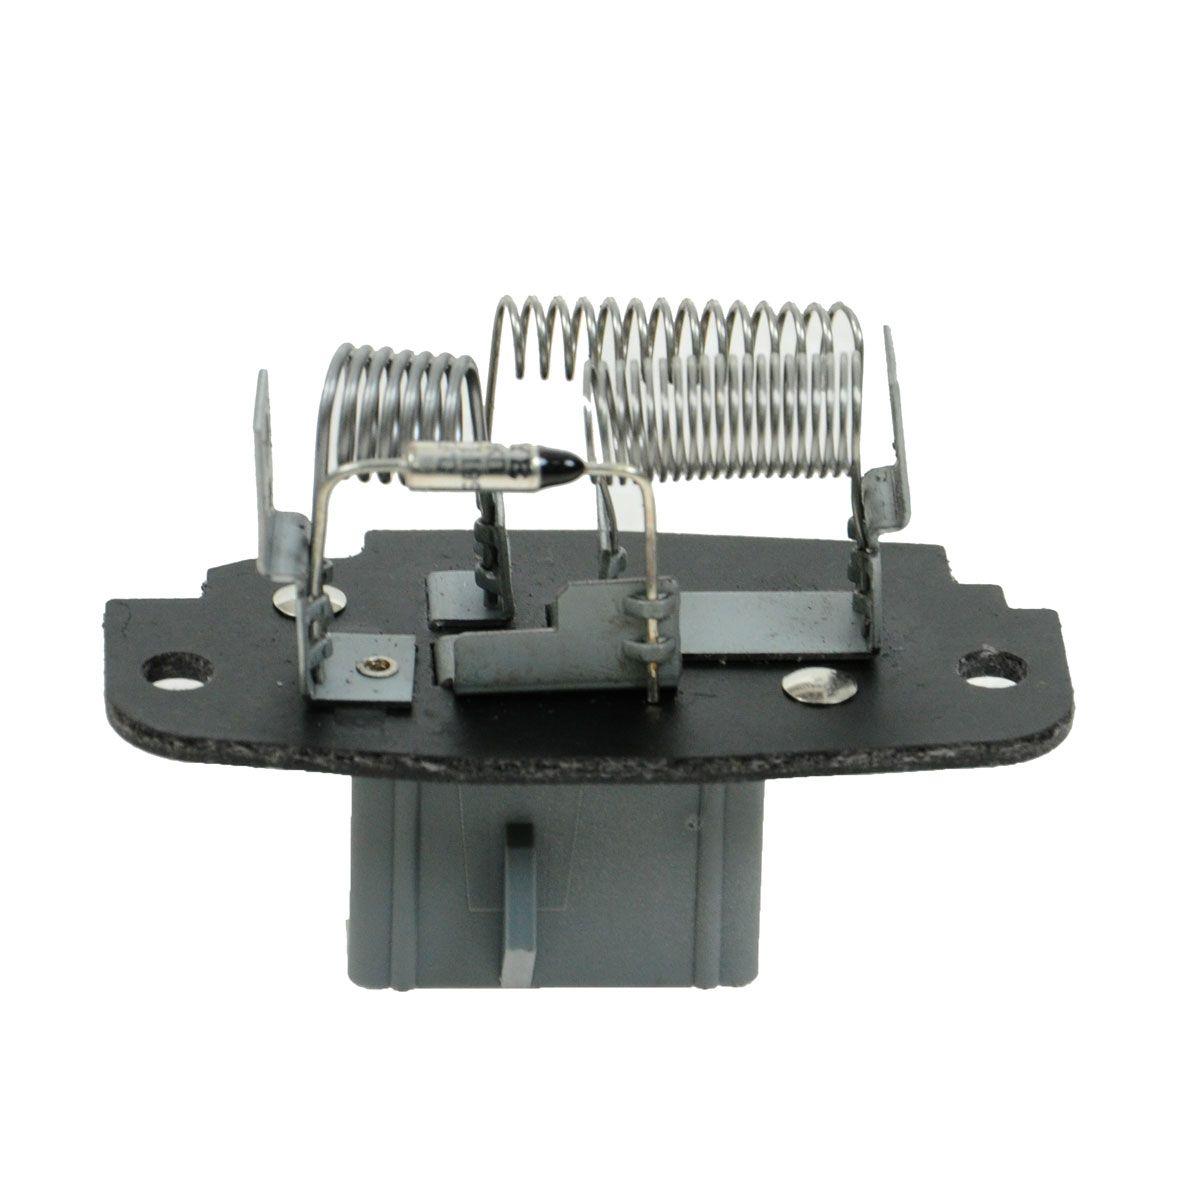 A//C Heater Blower Motor Resistor for Ford Explorer Ranger Mountaineer 1995-2011